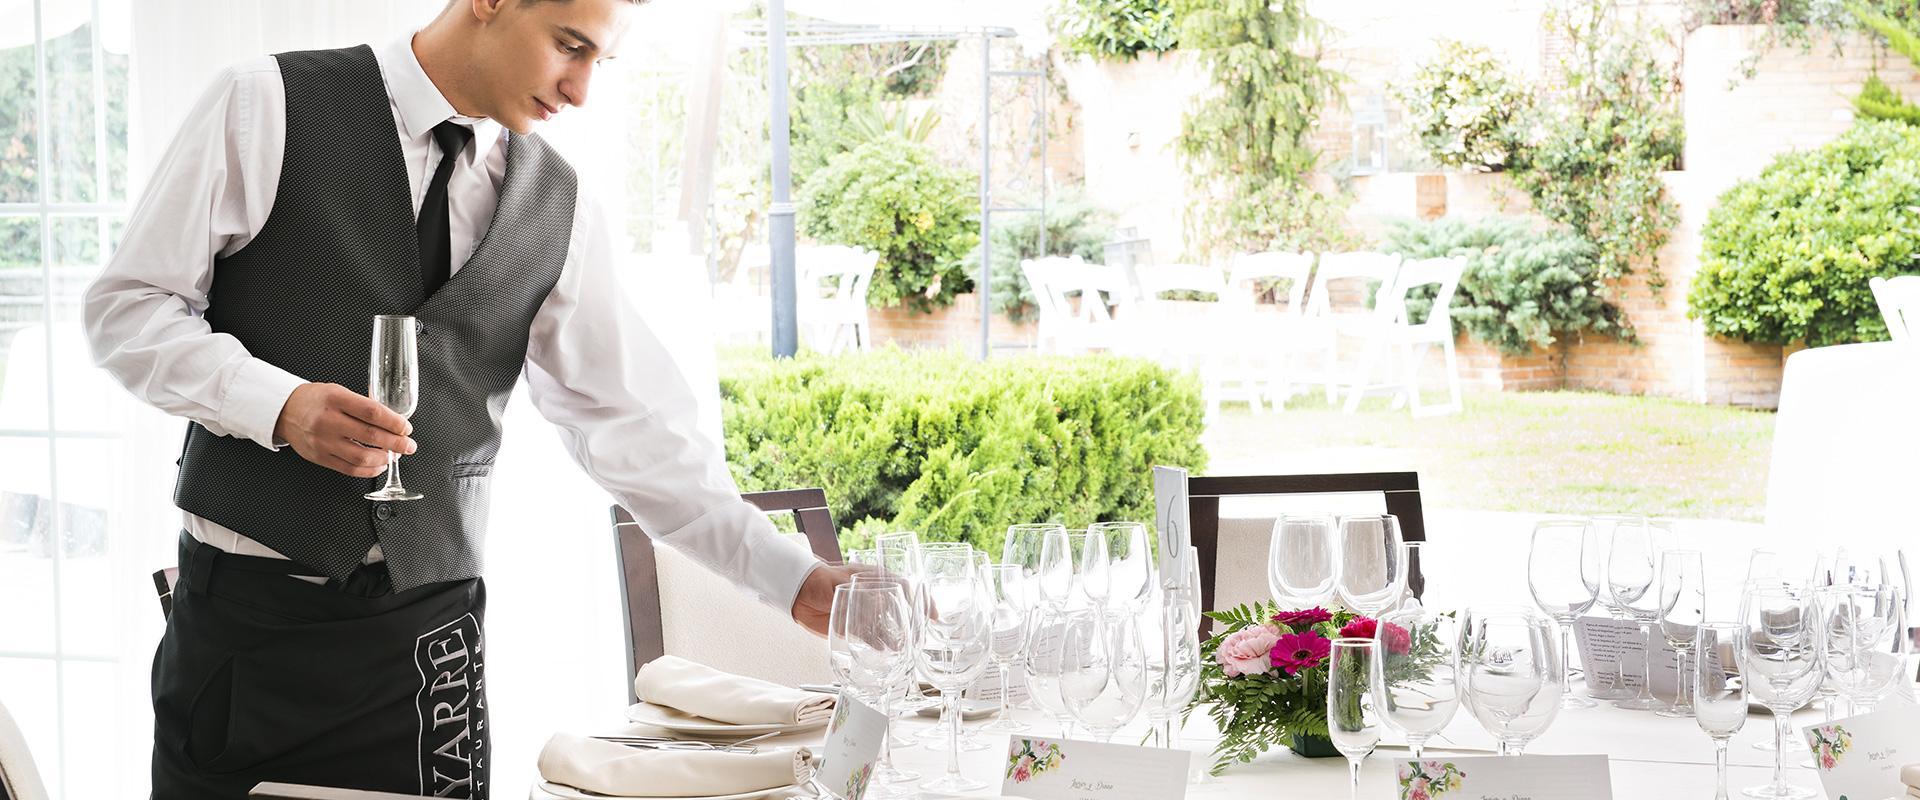 Servicio y gastronomía como te mereces